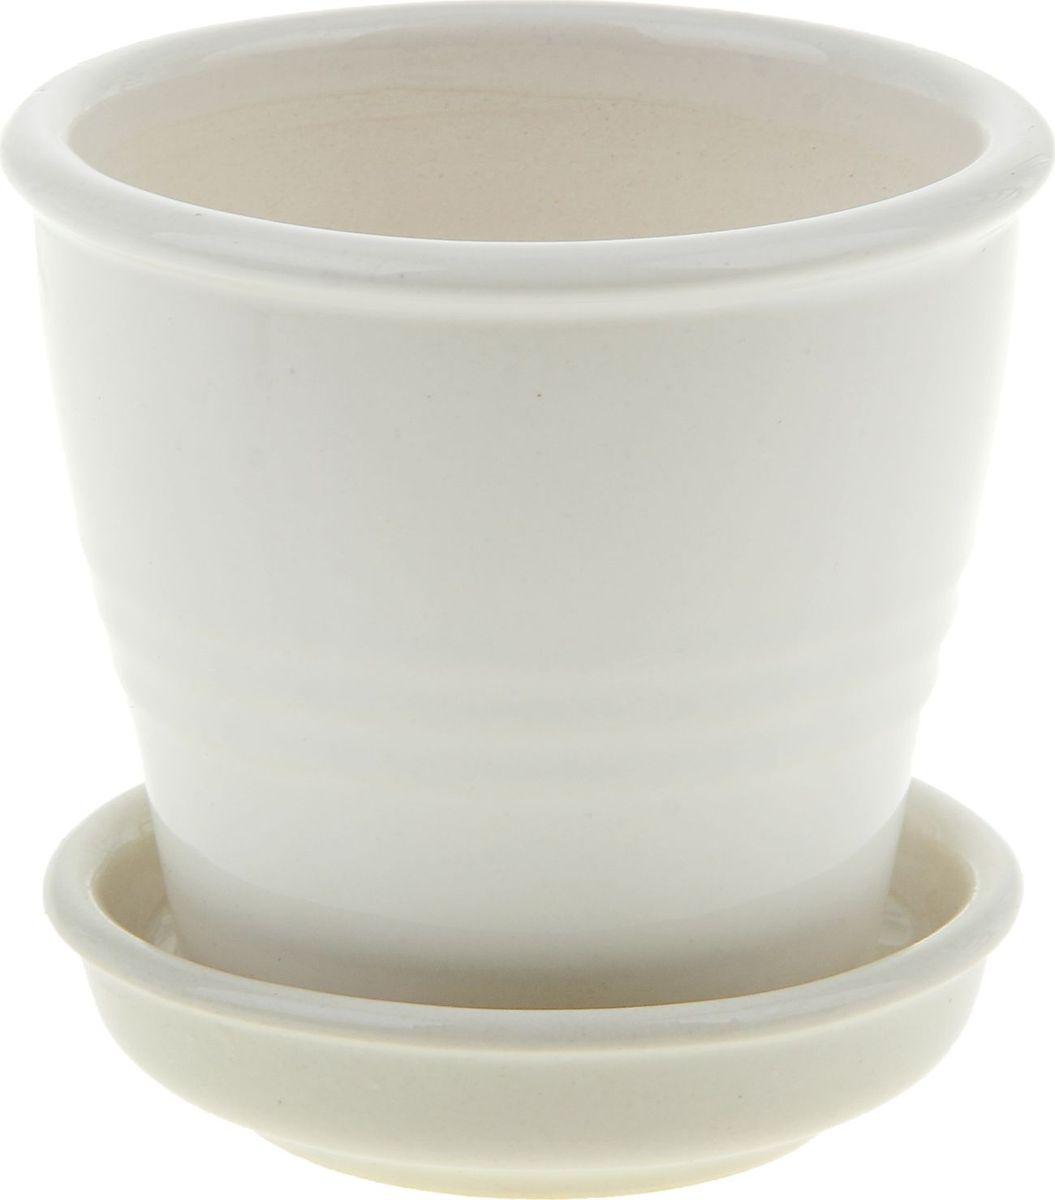 Кашпо Керамика ручной работы Ведро, цвет: белый, 230 мл835545Комнатные растения - всеобщие любимцы. Они радуют глаз, насыщают помещение кислородом и украшают пространство. Каждому из них необходим свой удобный и красивый дом.Кашпо из керамики прекрасно подходит для высадки растений: за счёт пластичности глины и разных способов обработки существует великое множество форм и дизайнов, пористый материал позволяет испаряться лишней влаге, воздух, необходимый для дыхания корней, проникает сквозь керамические стенки! Изделие освежит интерьер и подчеркнёт его стиль.